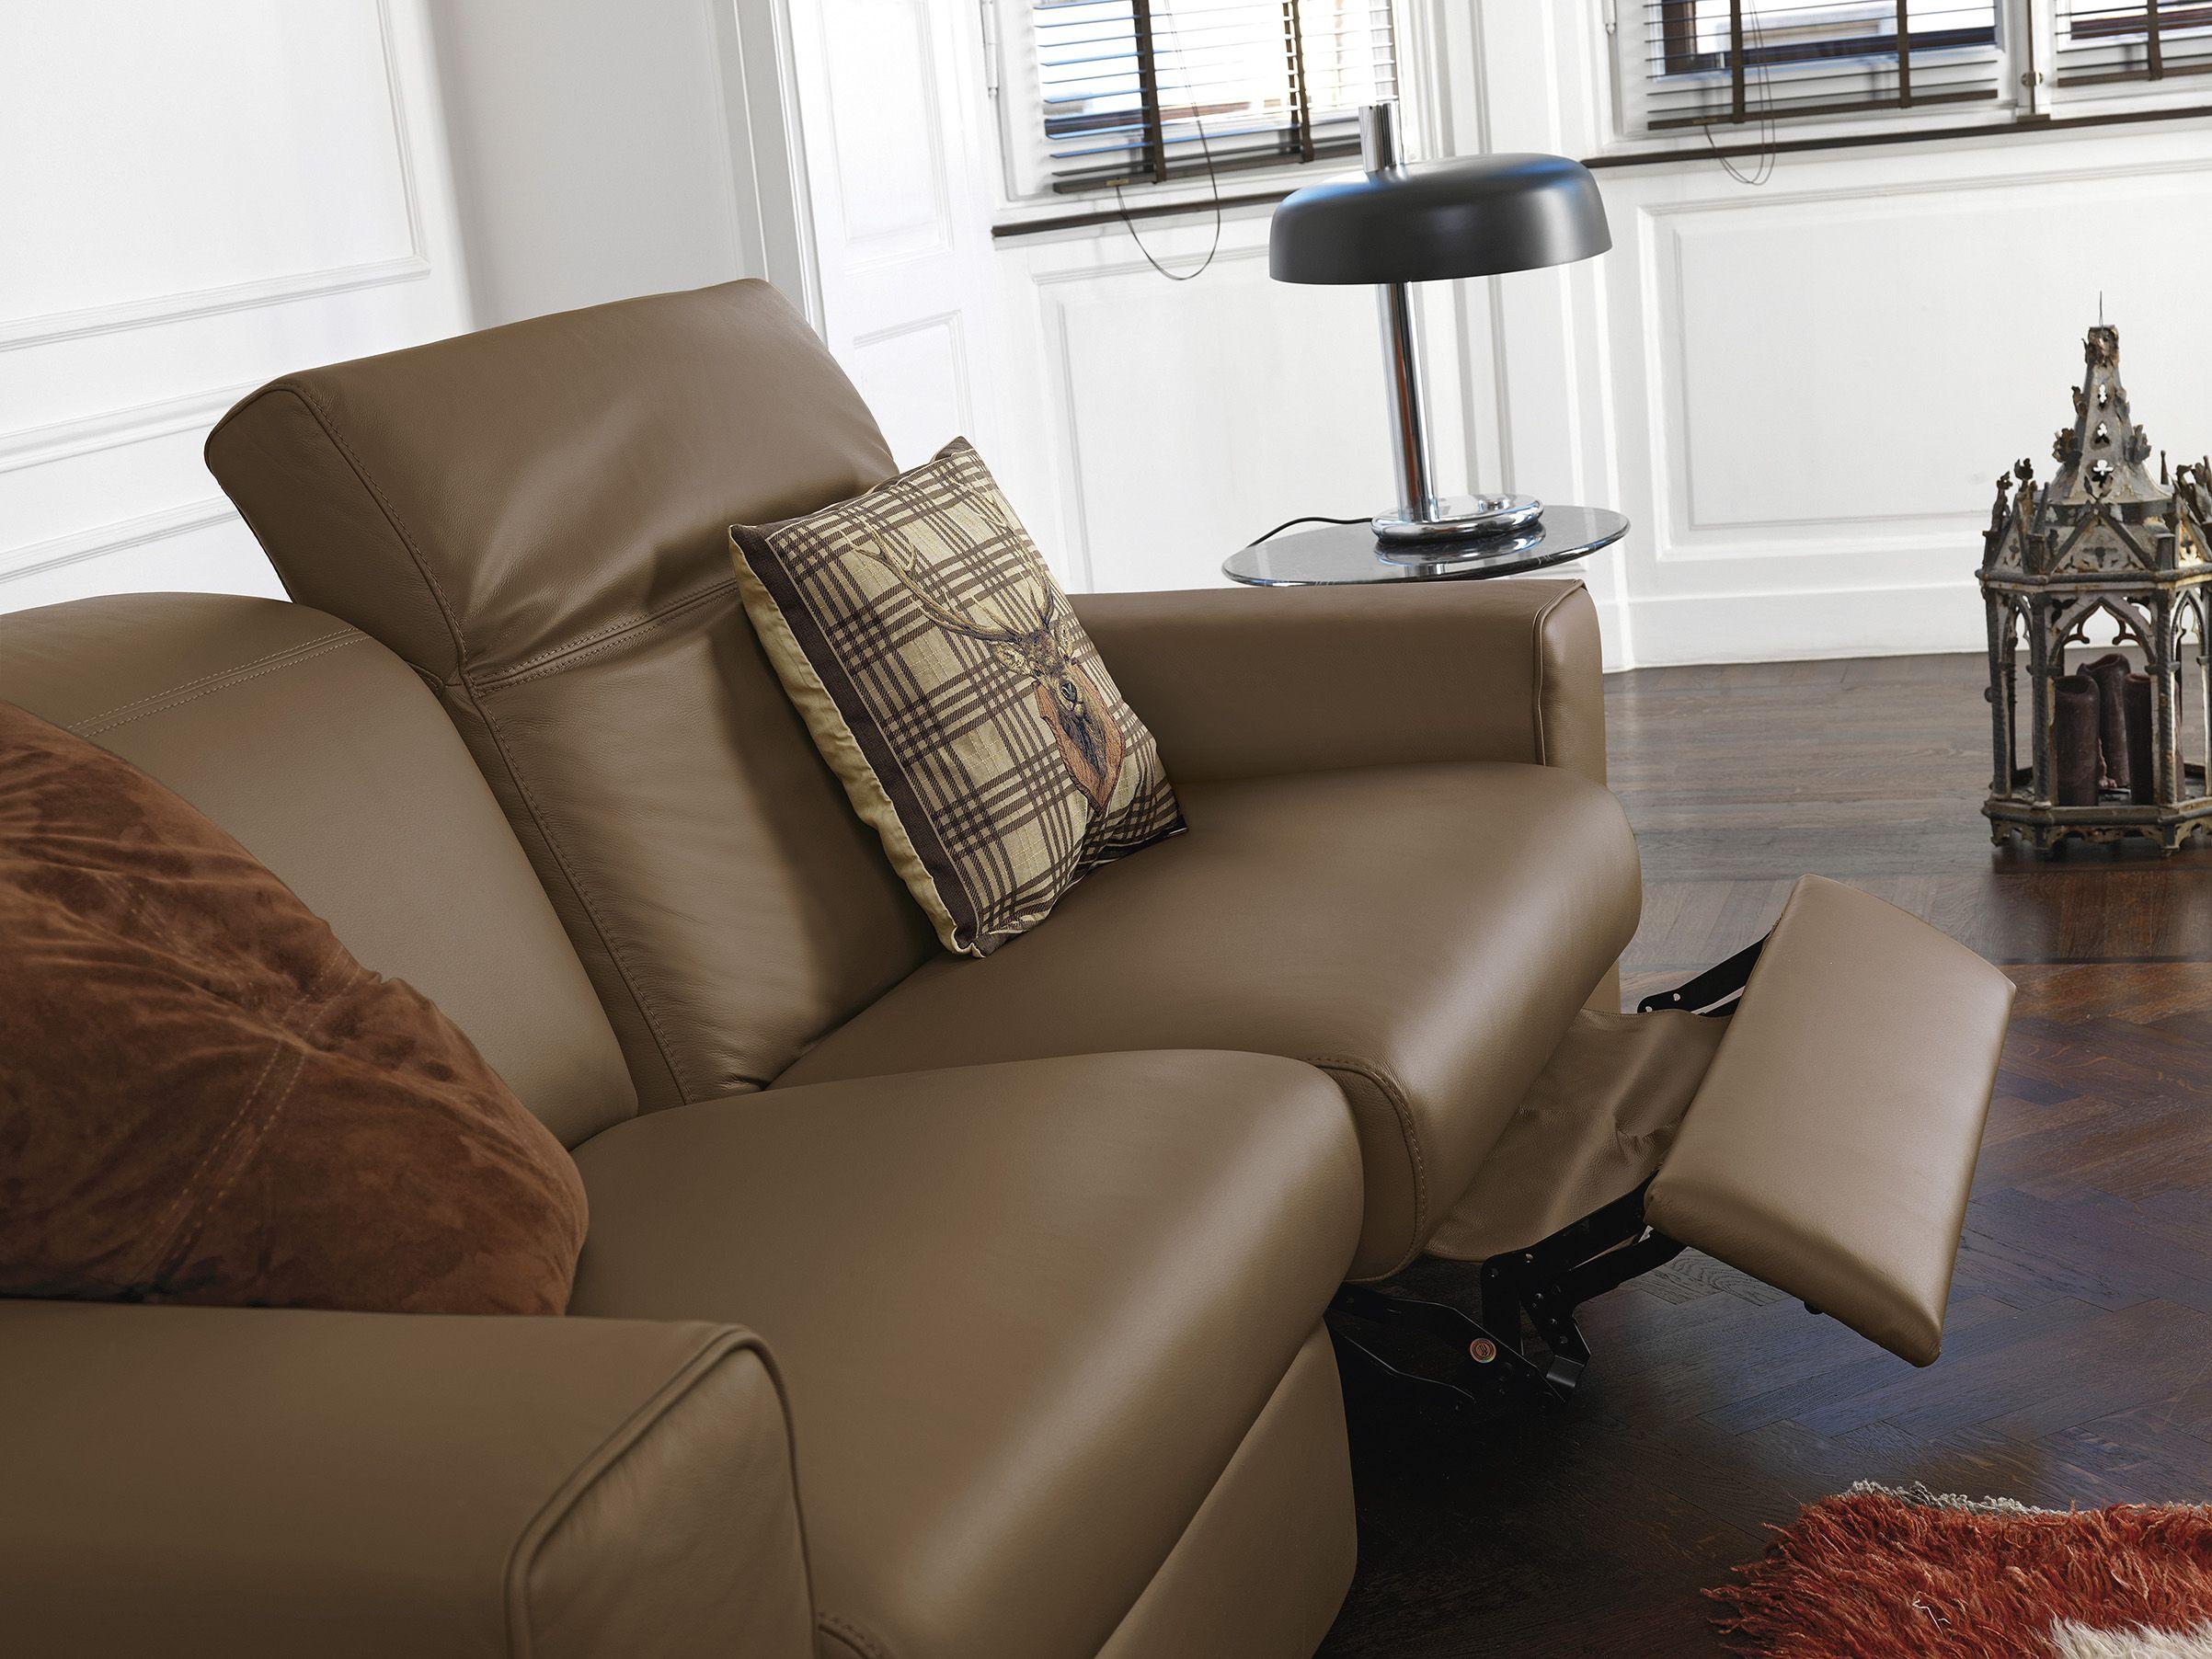 Pulire Divano In Pelle divano in pelle con recliner